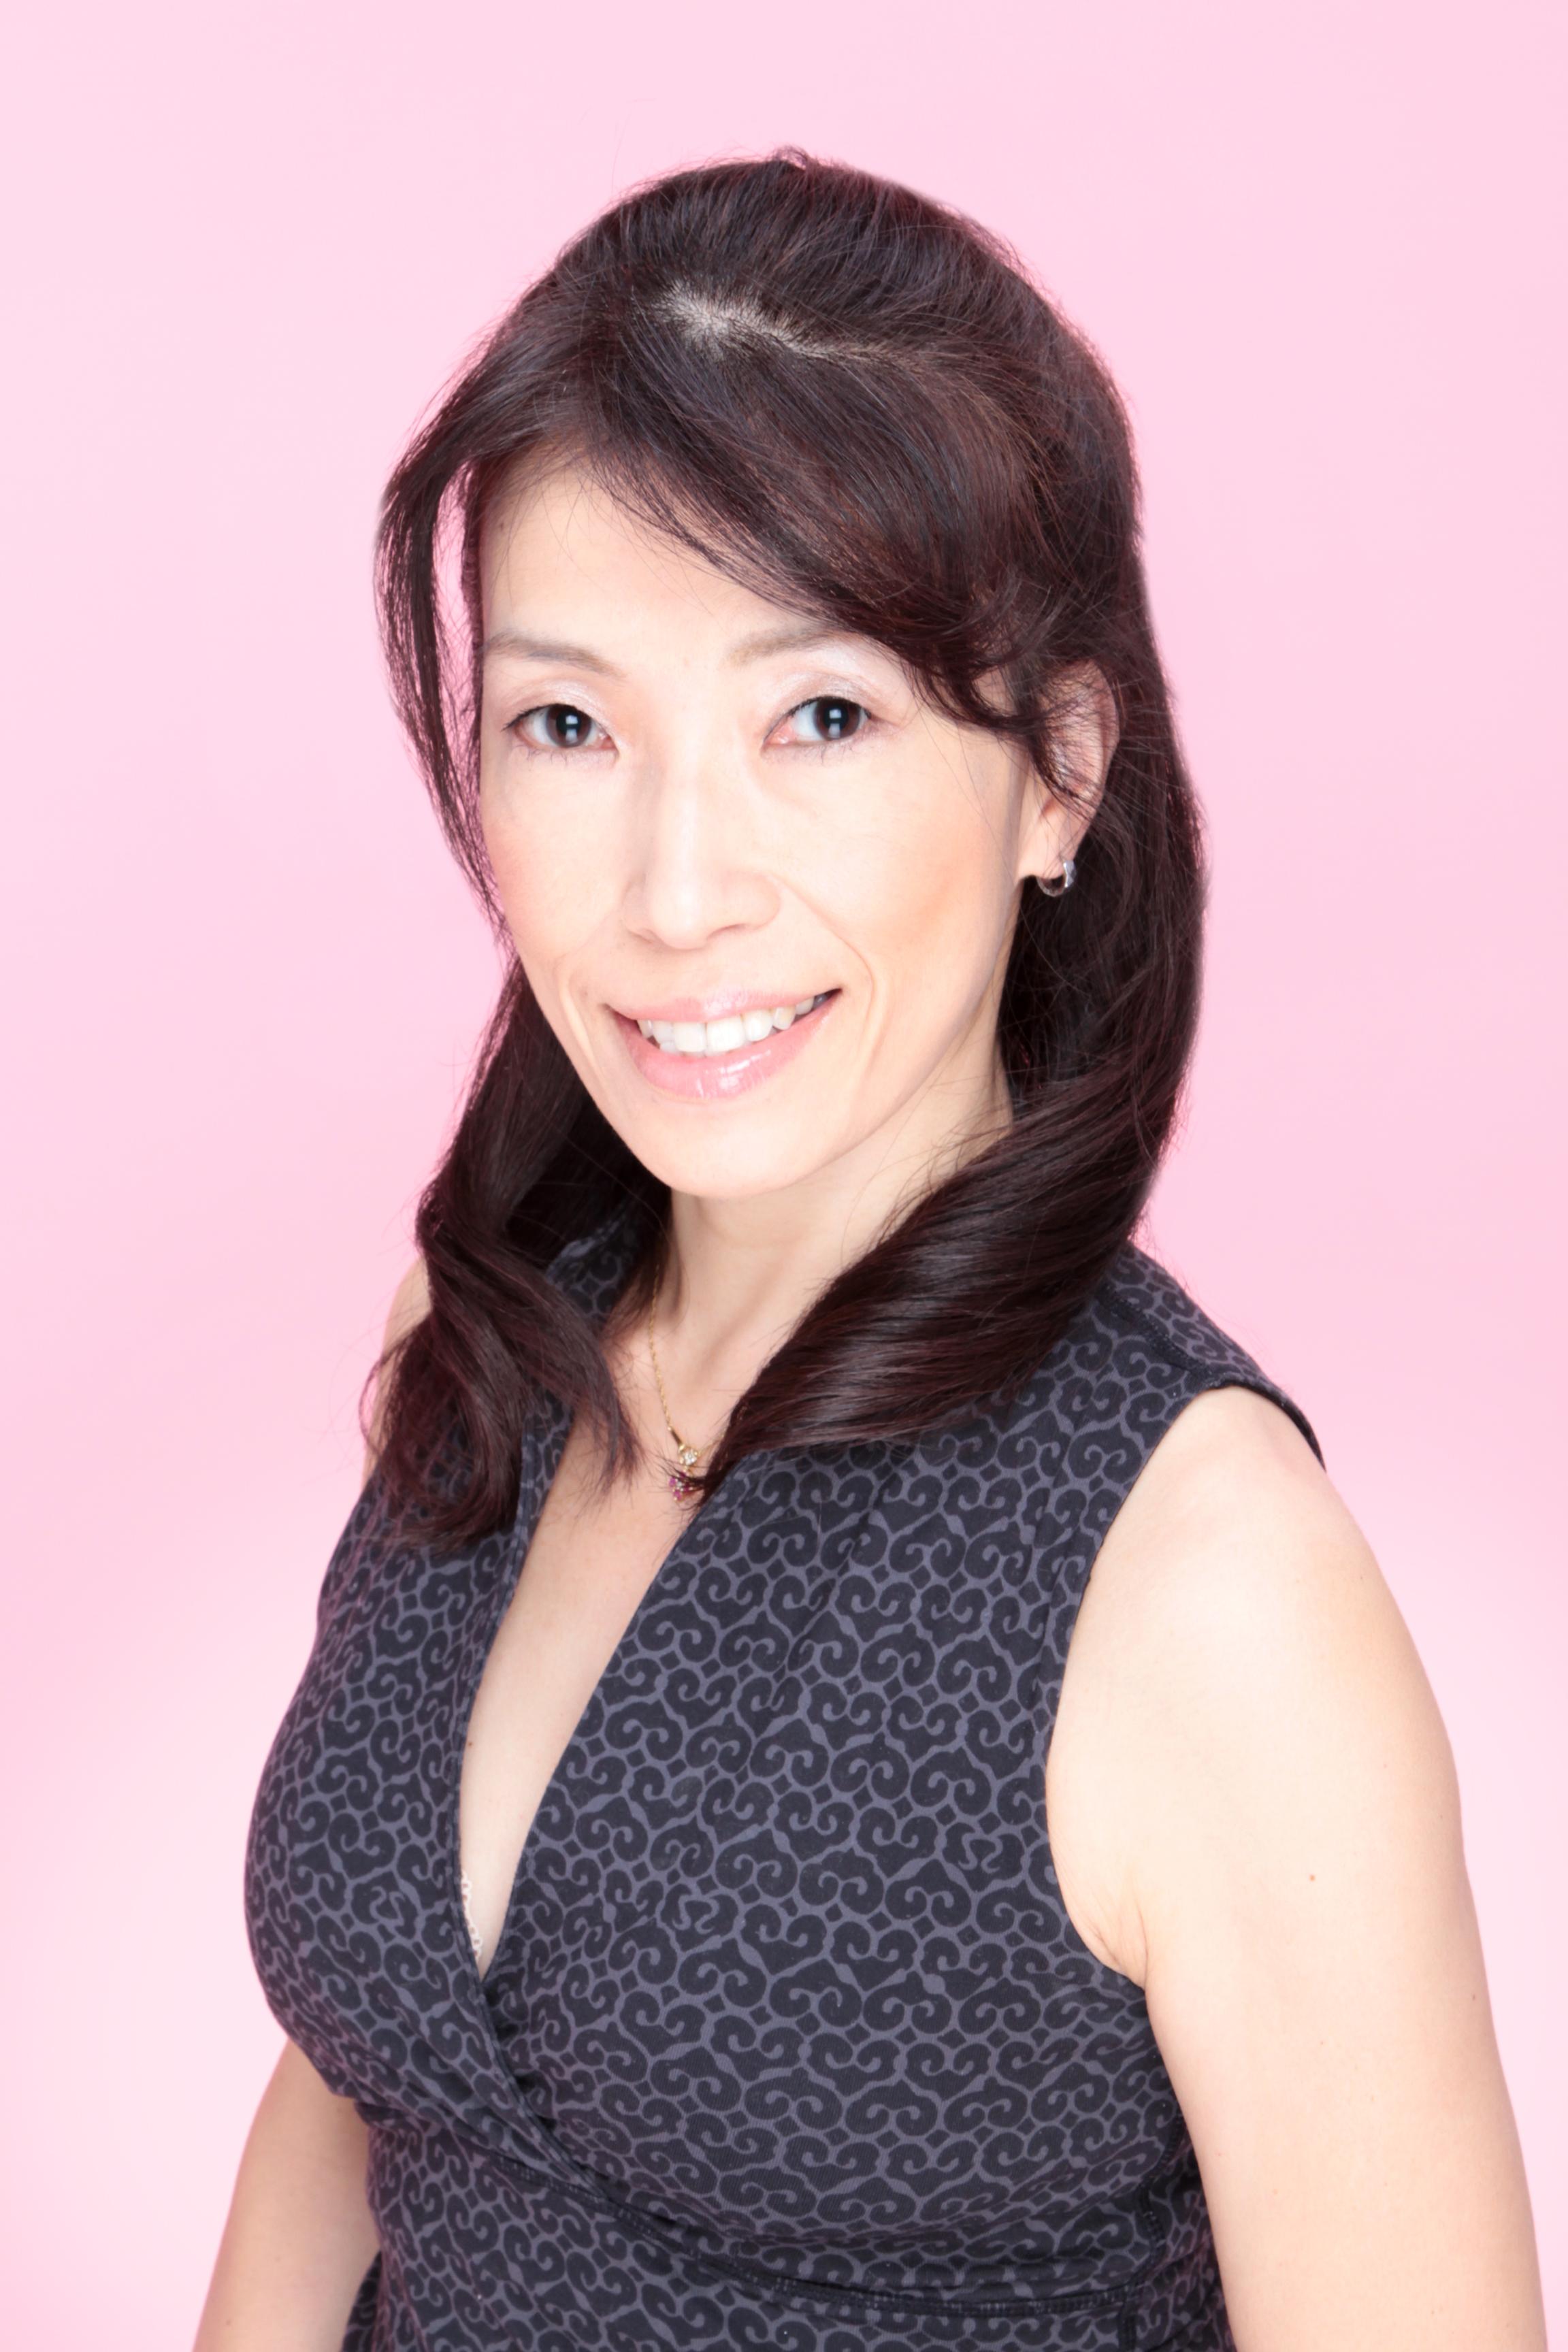 コラロ用賀 - 柴田文子(シバタアヤコ)さんの写真